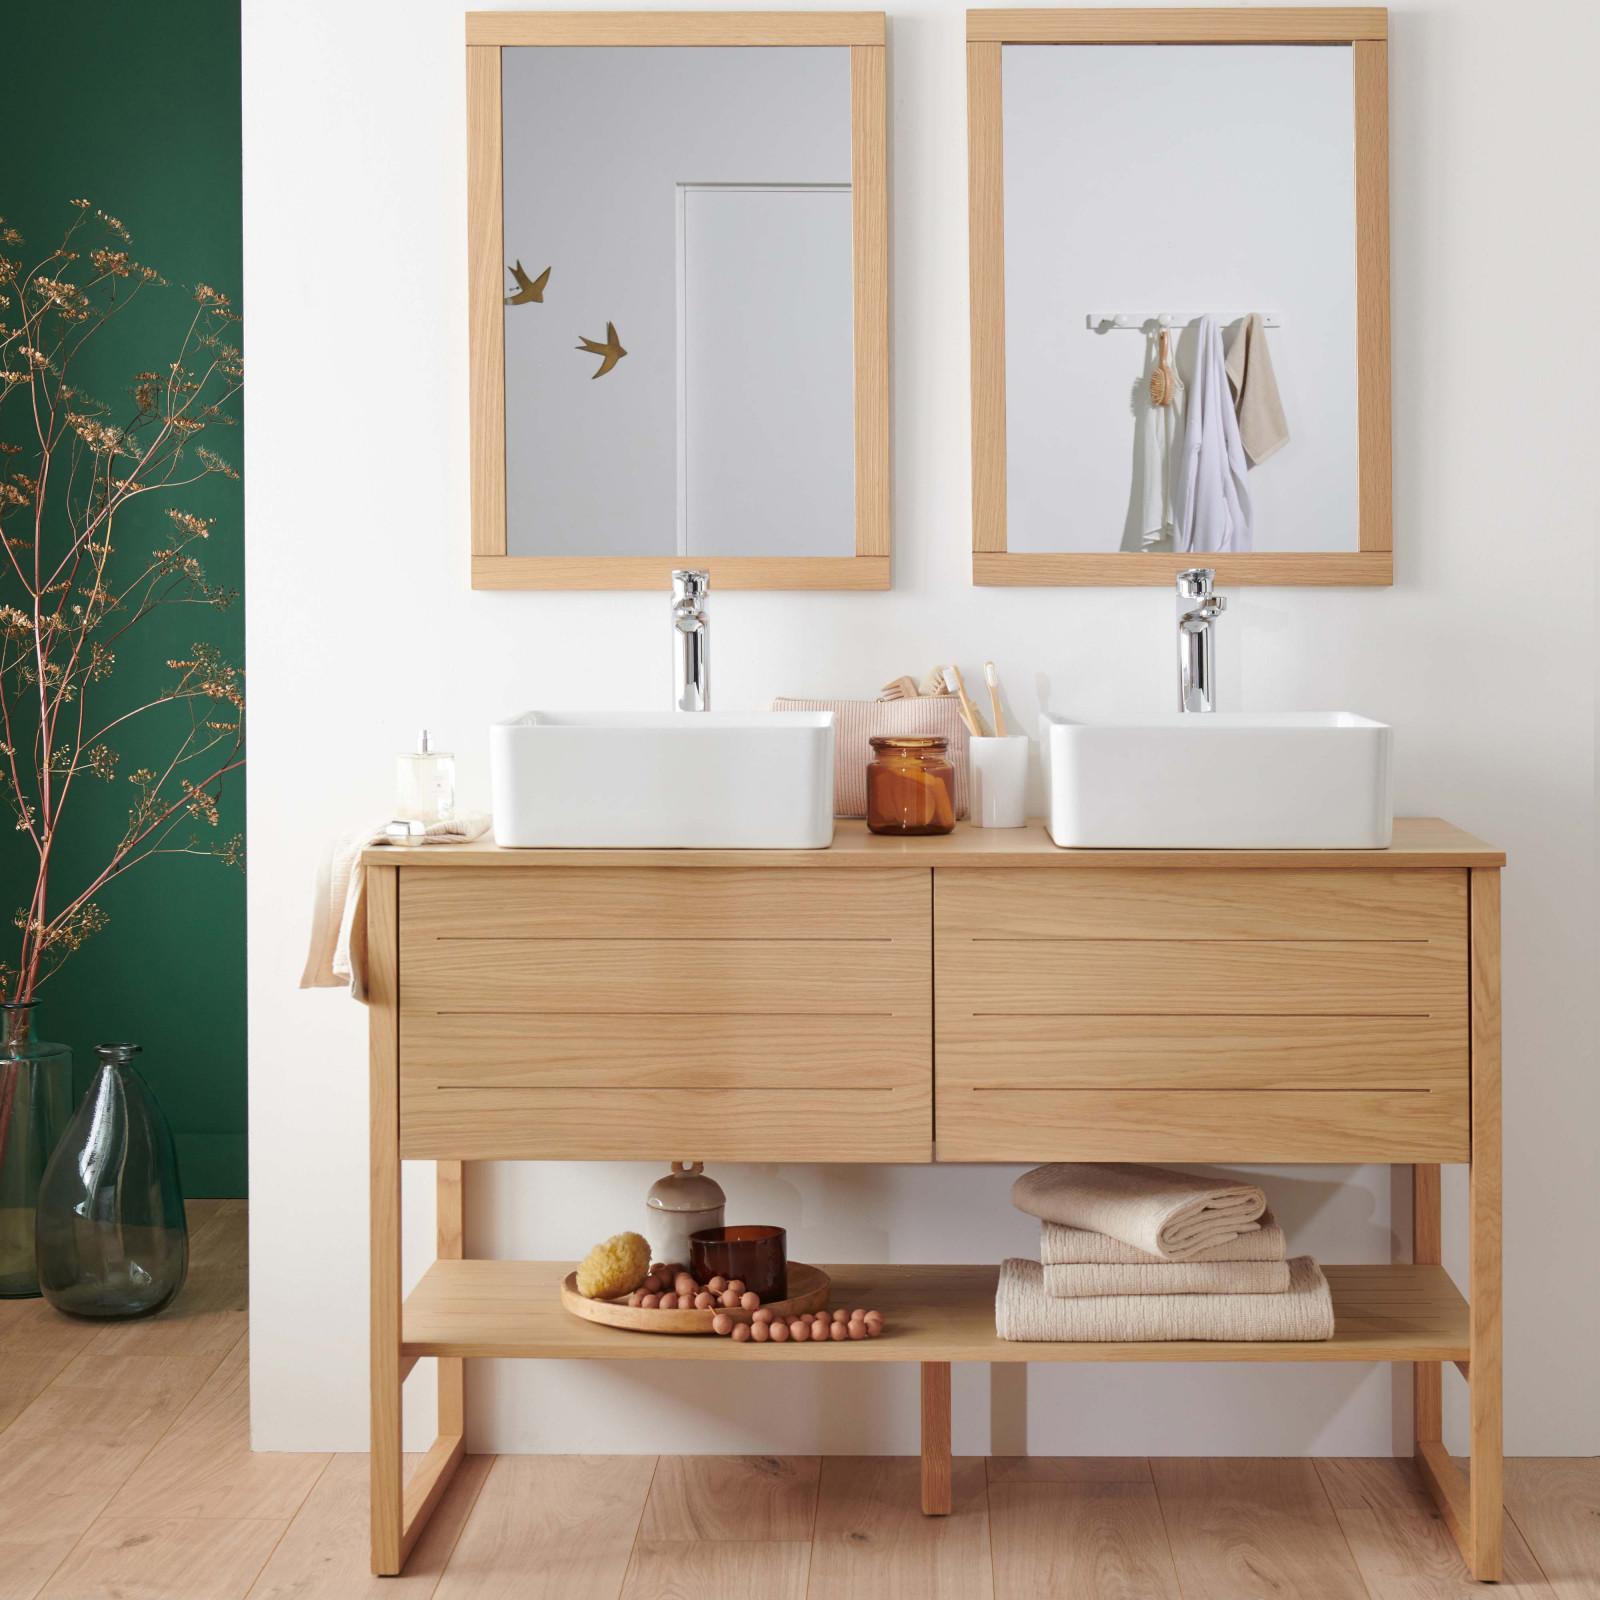 Meuble de salle de bain avec vasques et miroirs effet bois clair